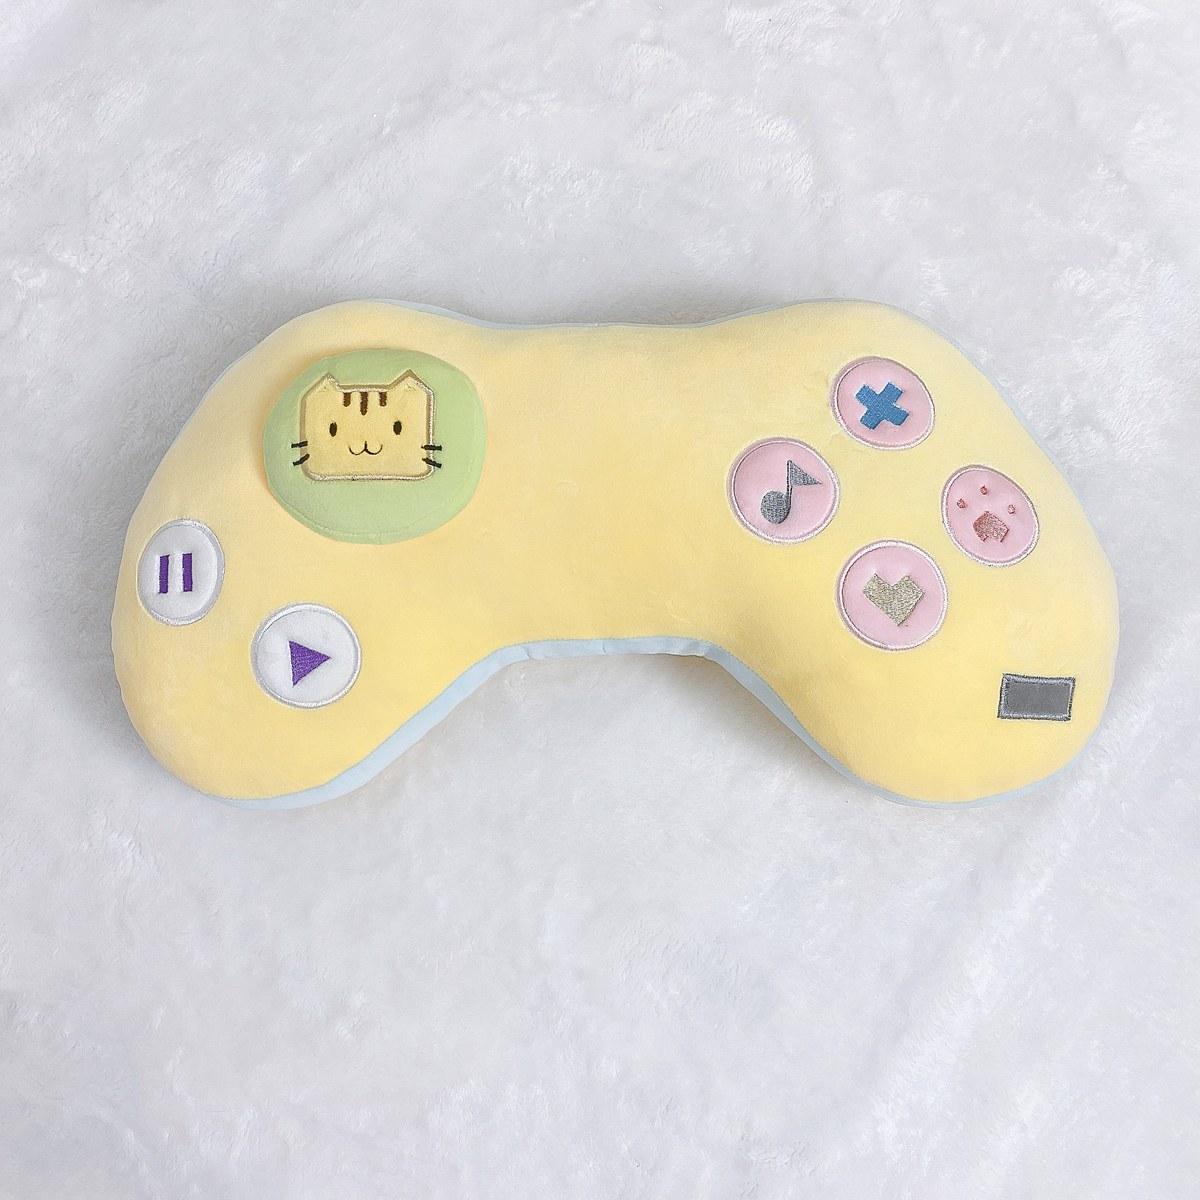 Kawaii Game Console Controller Pillow Plush 7